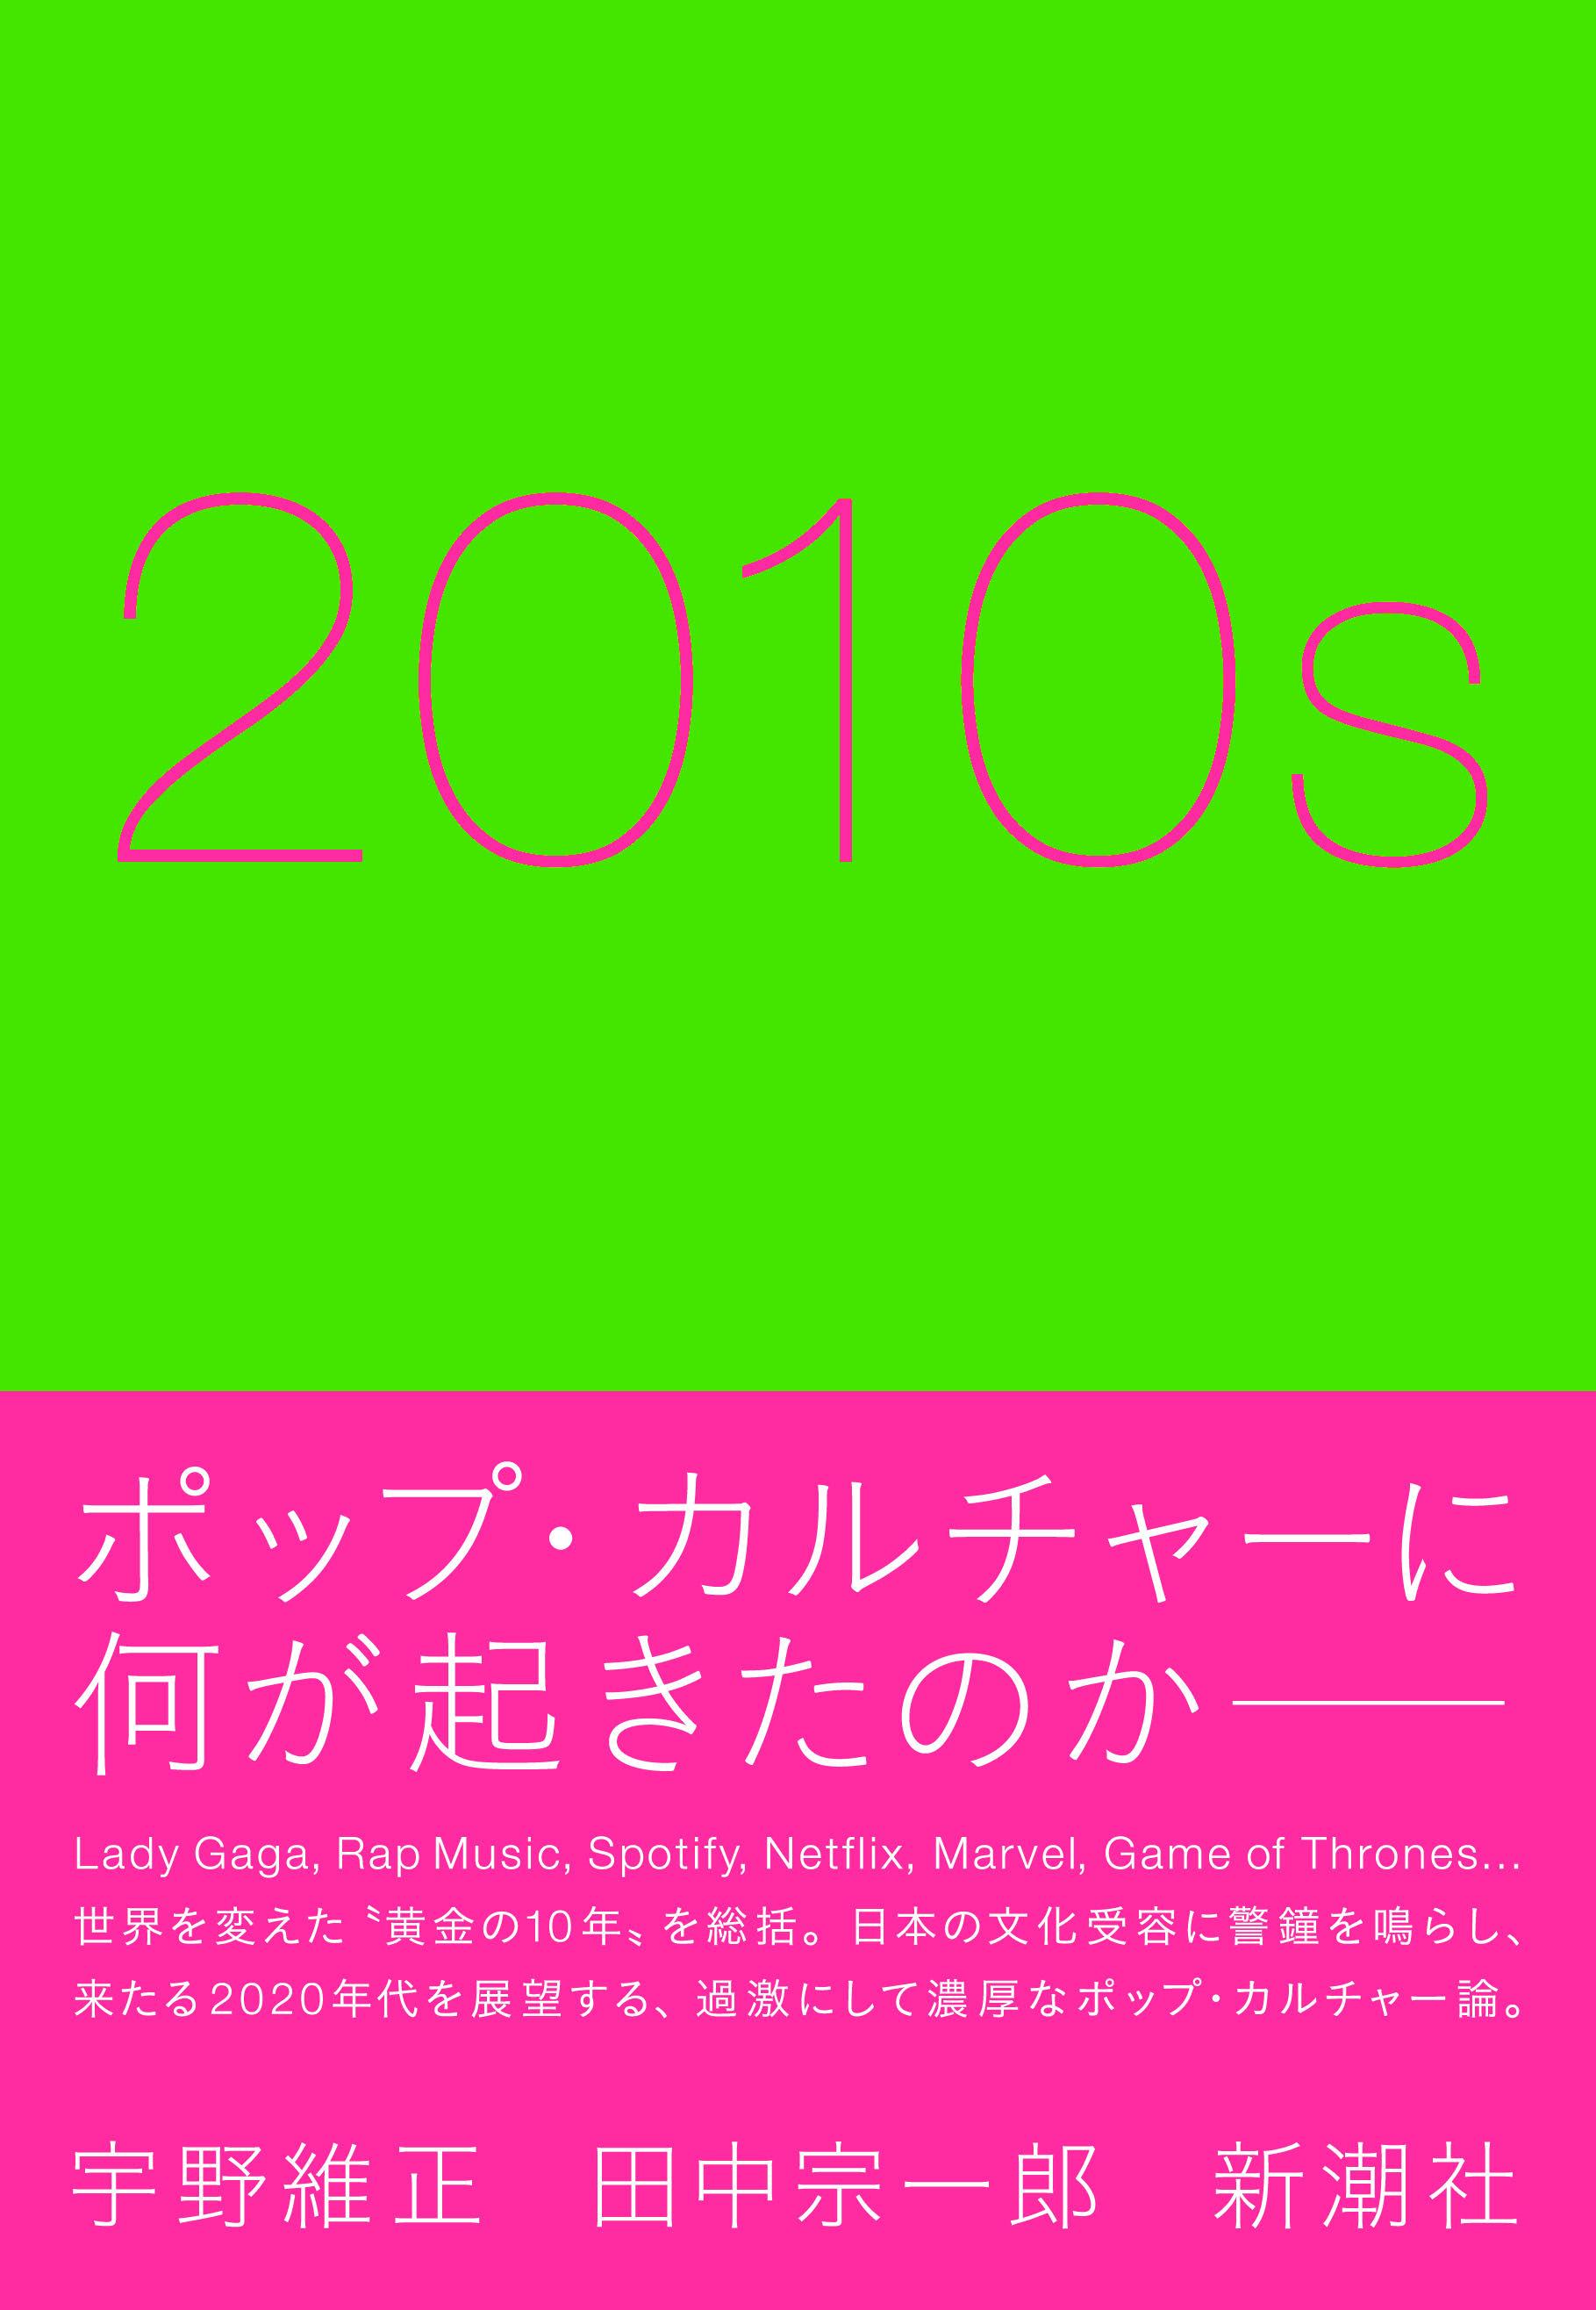 『2010s』刊行記念 宇野維正×田中宗一郎 トークライブ九州死闘篇 -熊本-